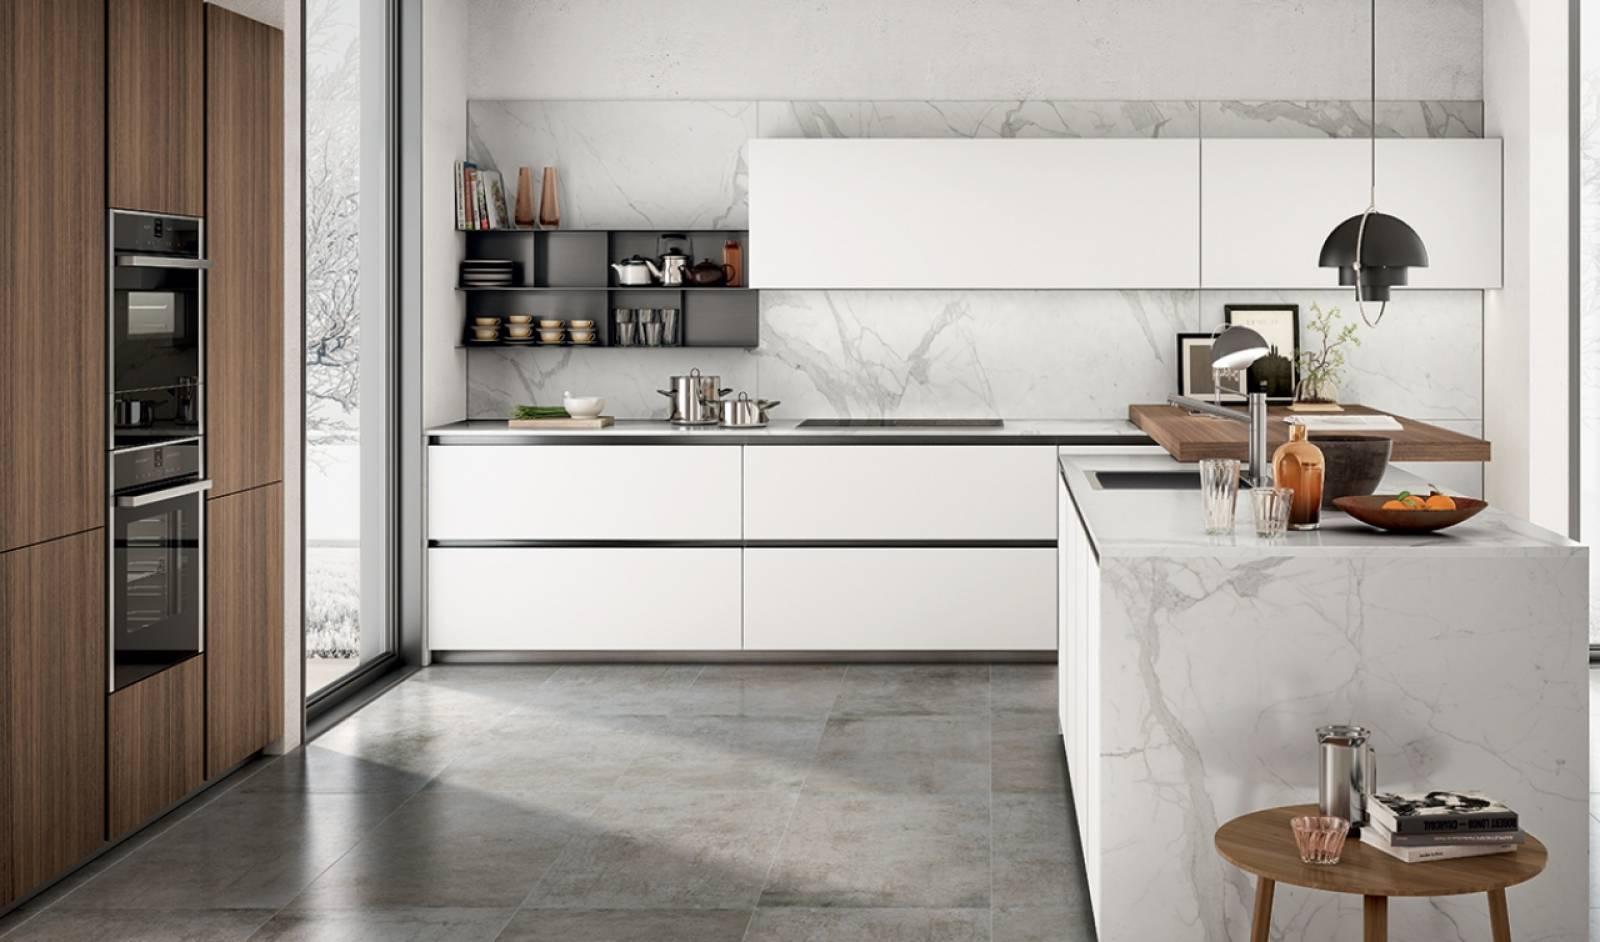 Magasin De Meuble De Cuisine Italienne meubles pour cuisine aménagée chic fabrication italienne: le